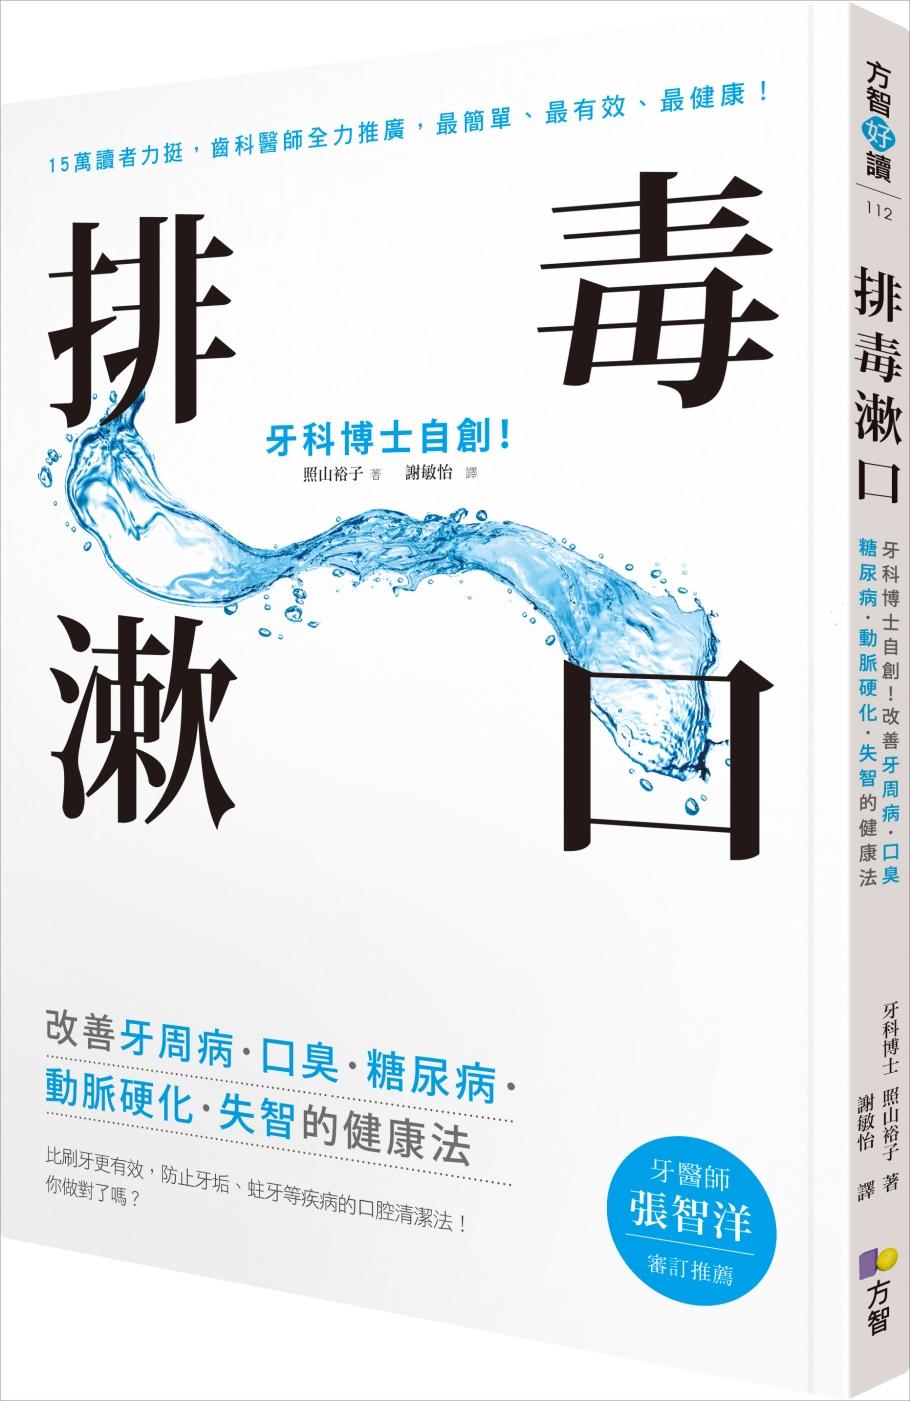 排毒漱口:牙科博士自創!改善牙周病‧口臭‧糖尿病‧動脈硬化‧失智的健康法